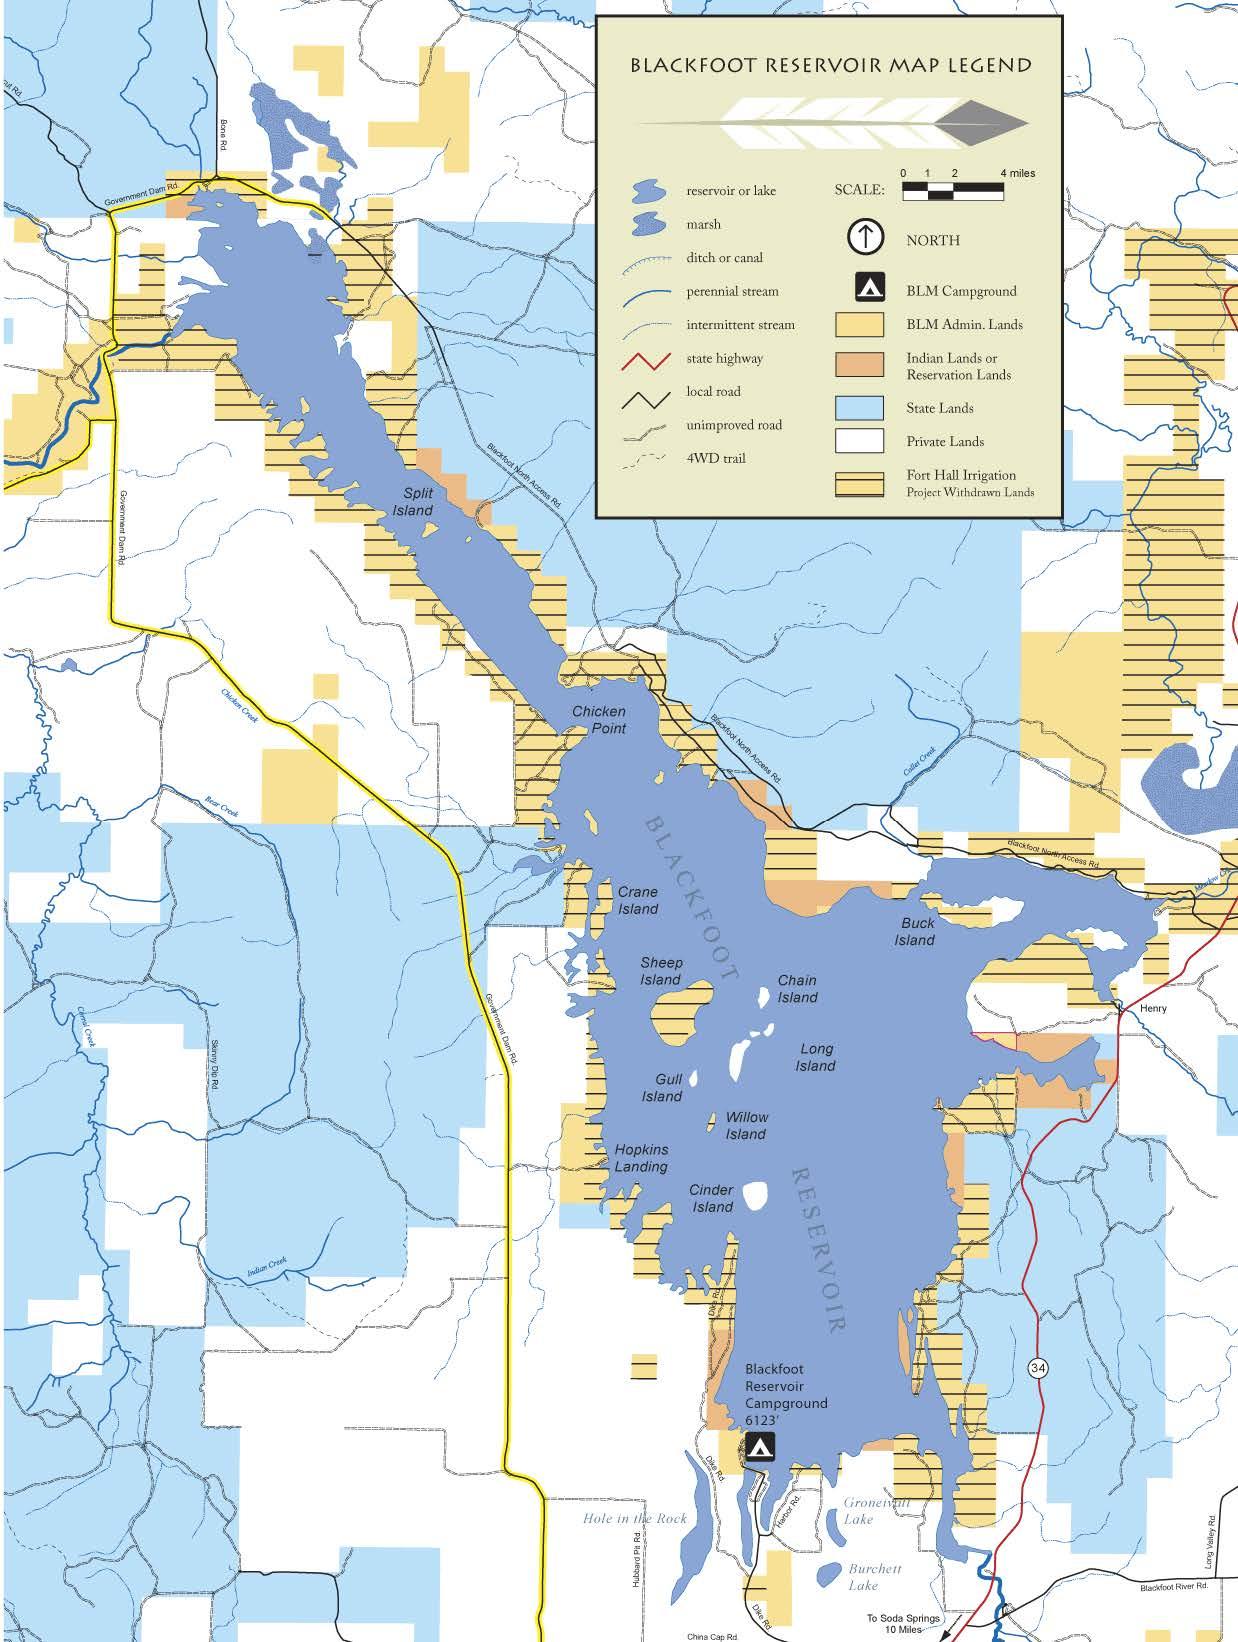 Public Room Media Center Idaho Blackfoot River Recreation Map